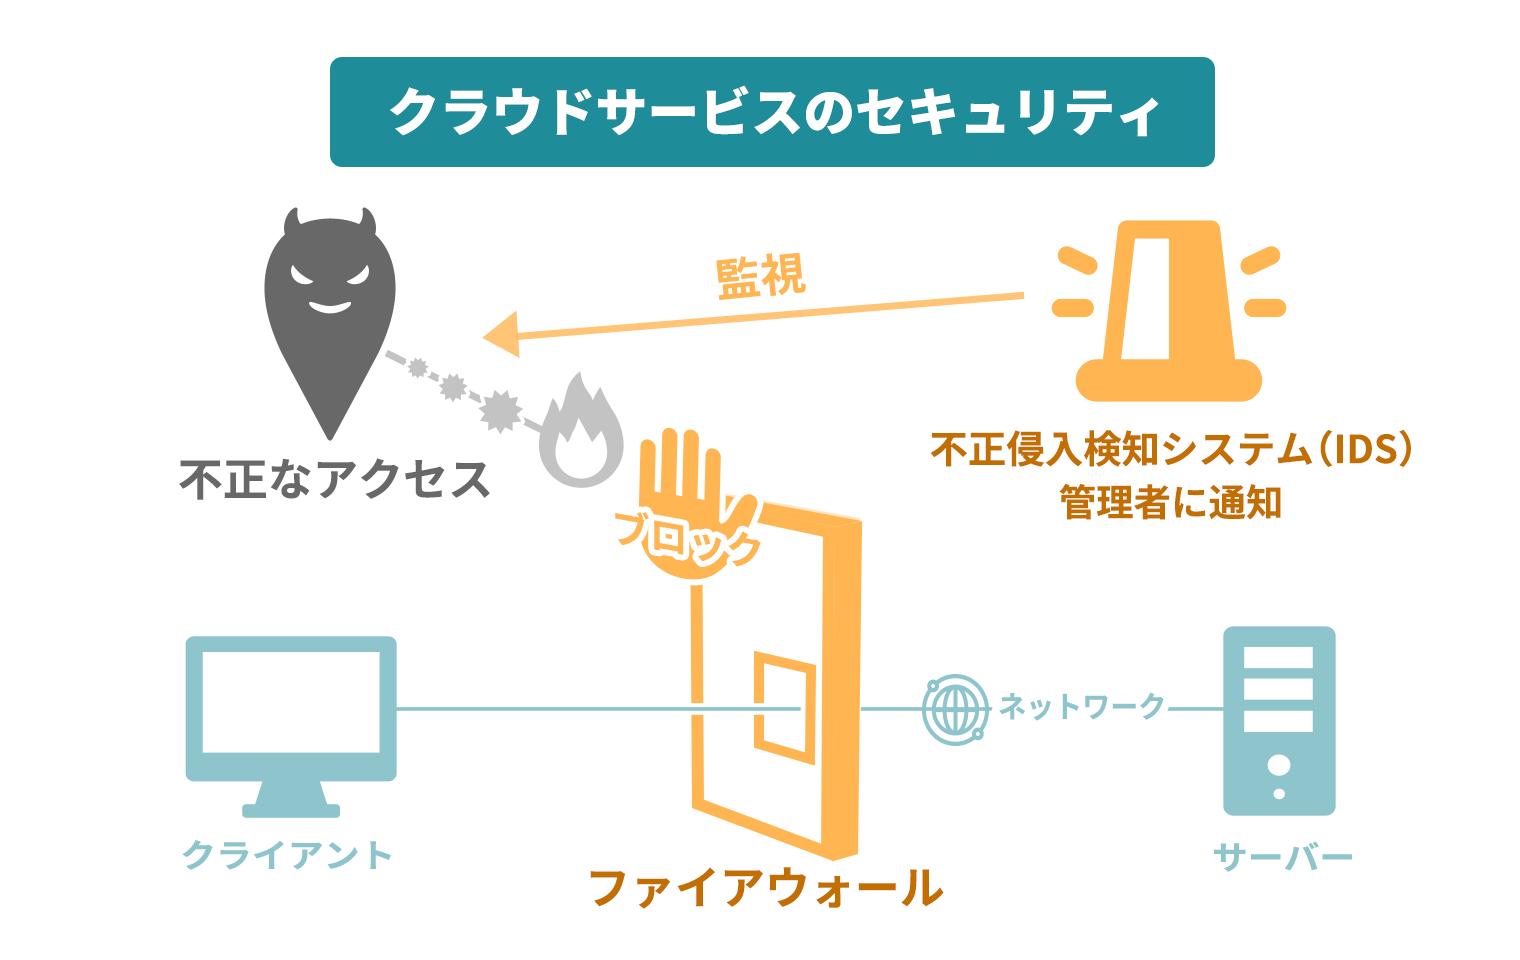 クラウド型電子カルテのセキュリティ_ファイアウォールとIDSの説明図